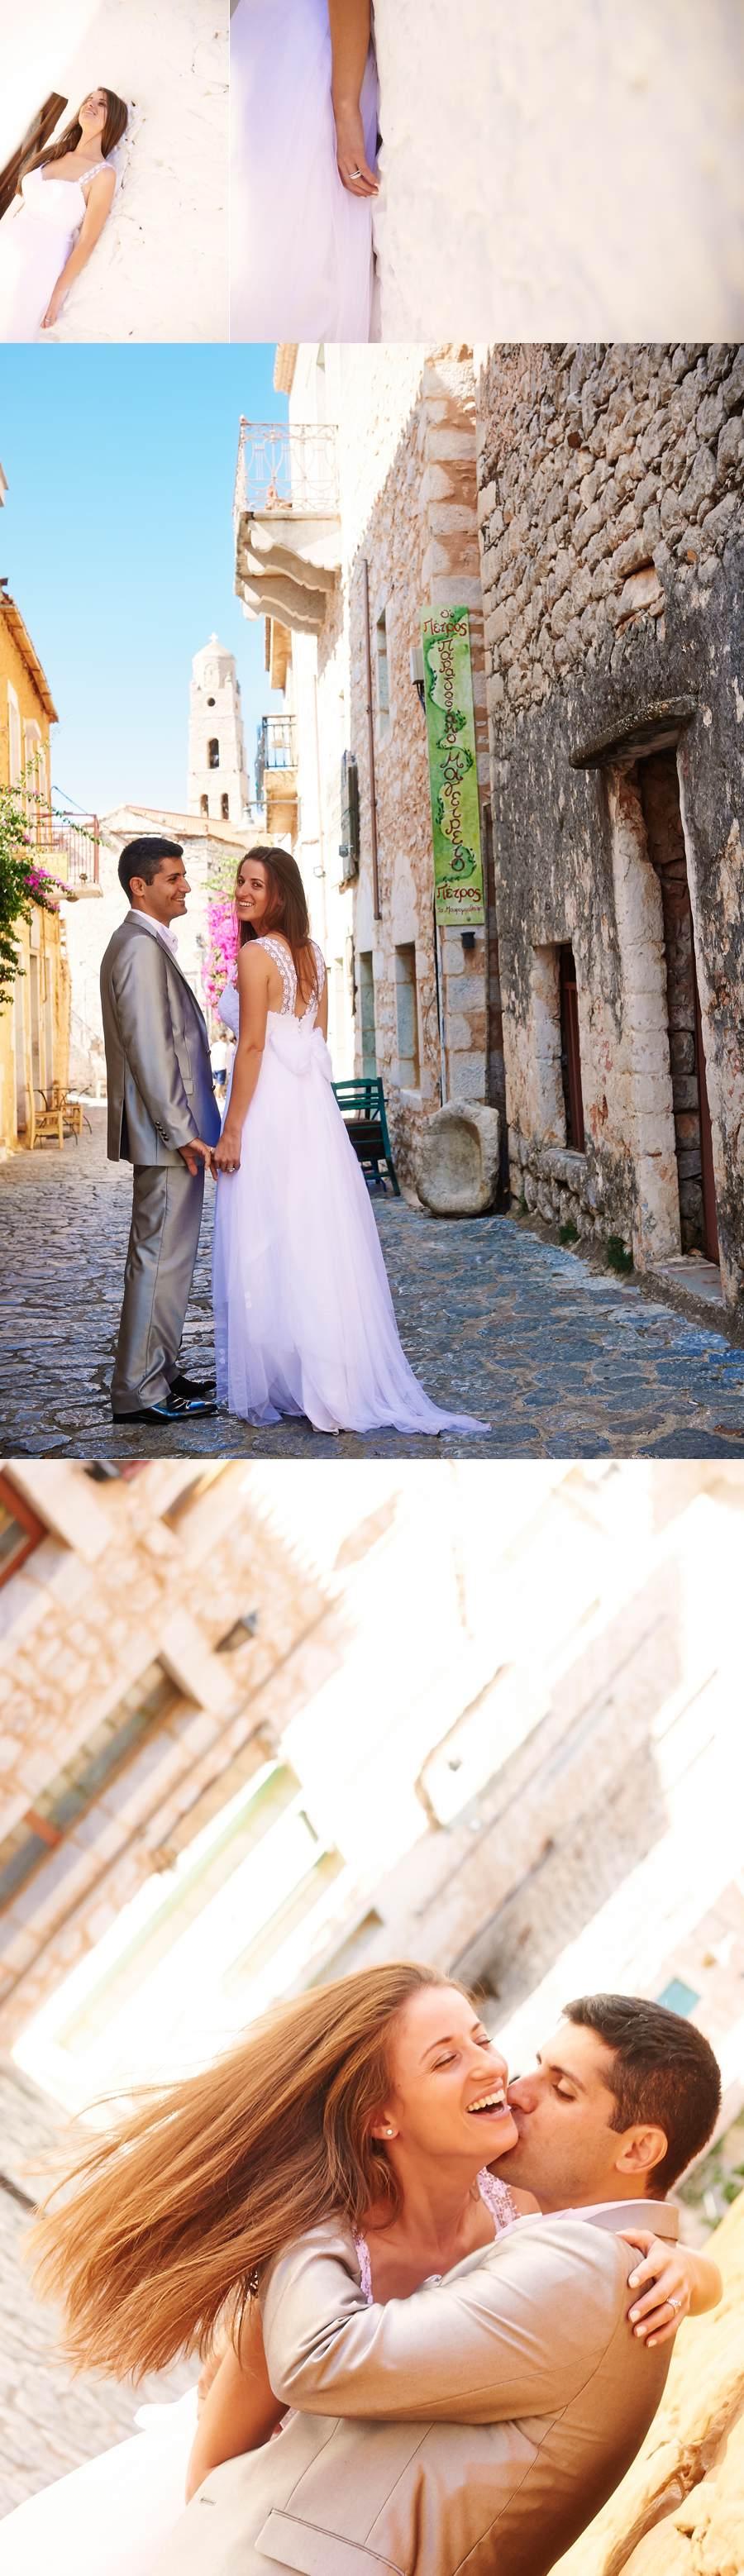 Nikos Anastasia wedding photos_0022